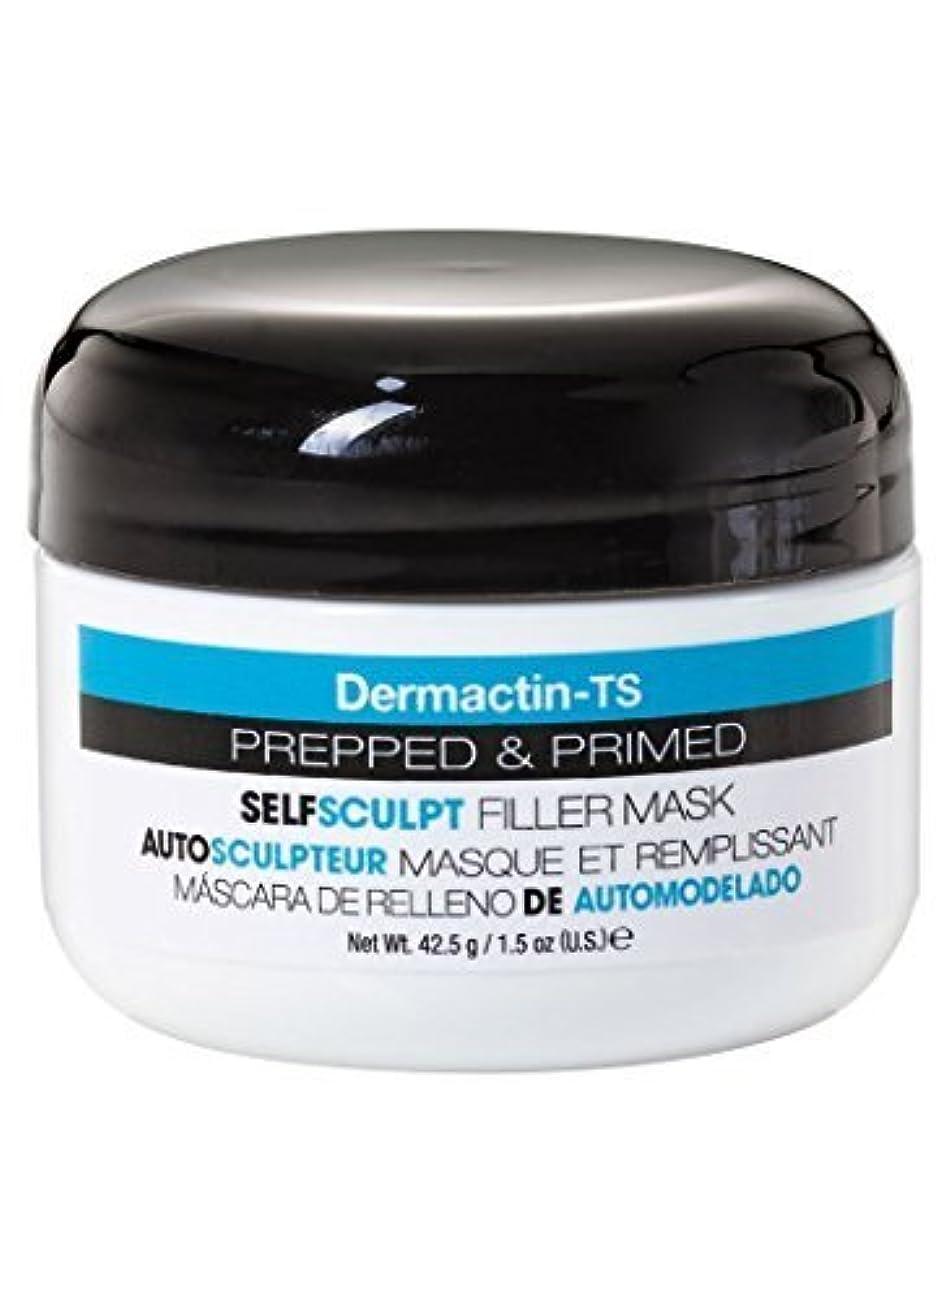 競合他社選手承知しましたまでDermactin-TS Prepped&Primed 3Dフィラーマスク (並行輸入品)